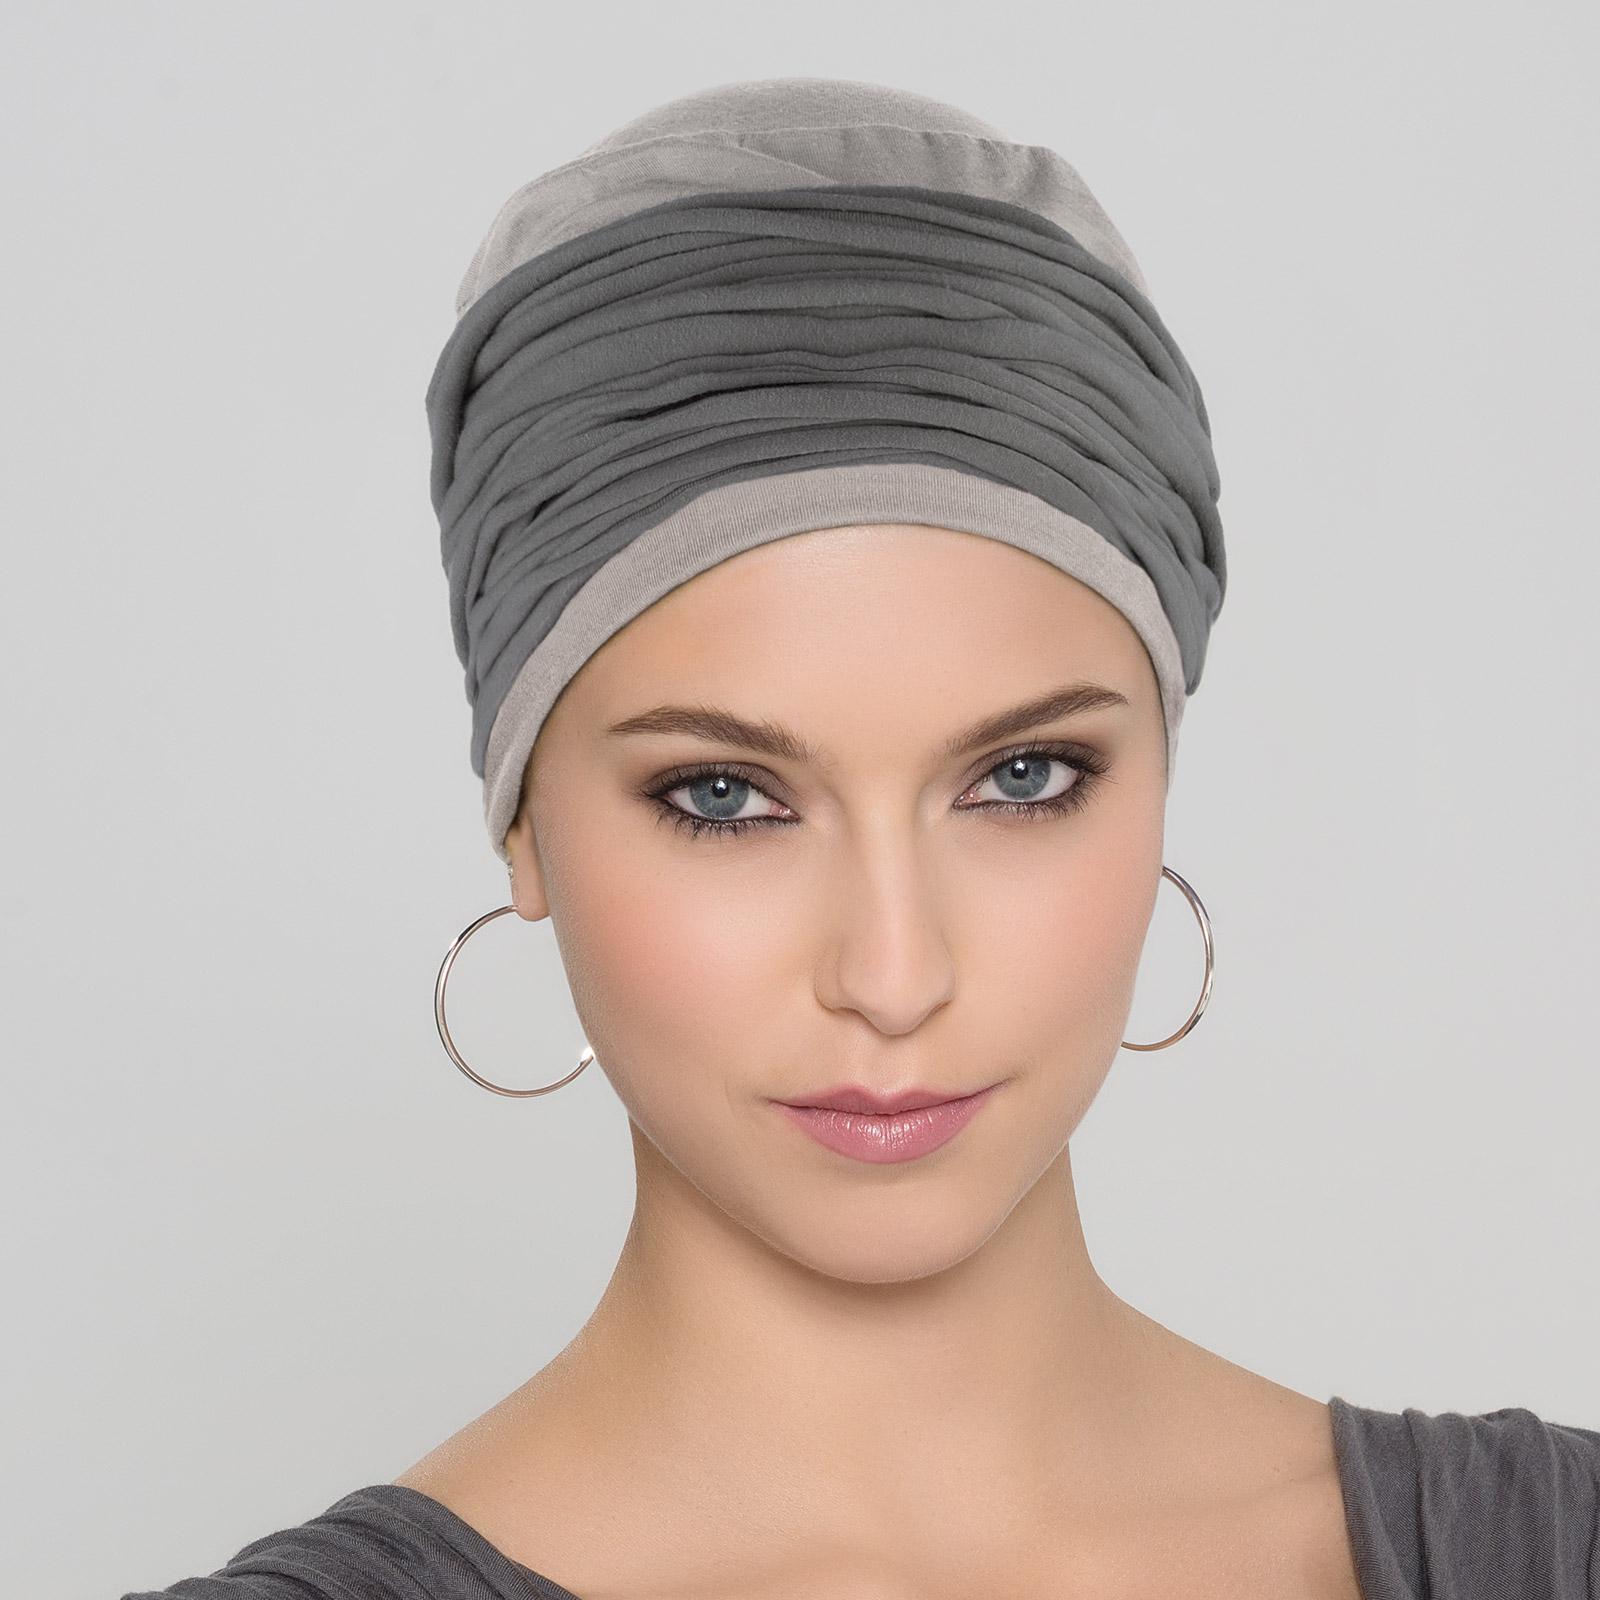 ellens headwear - bands